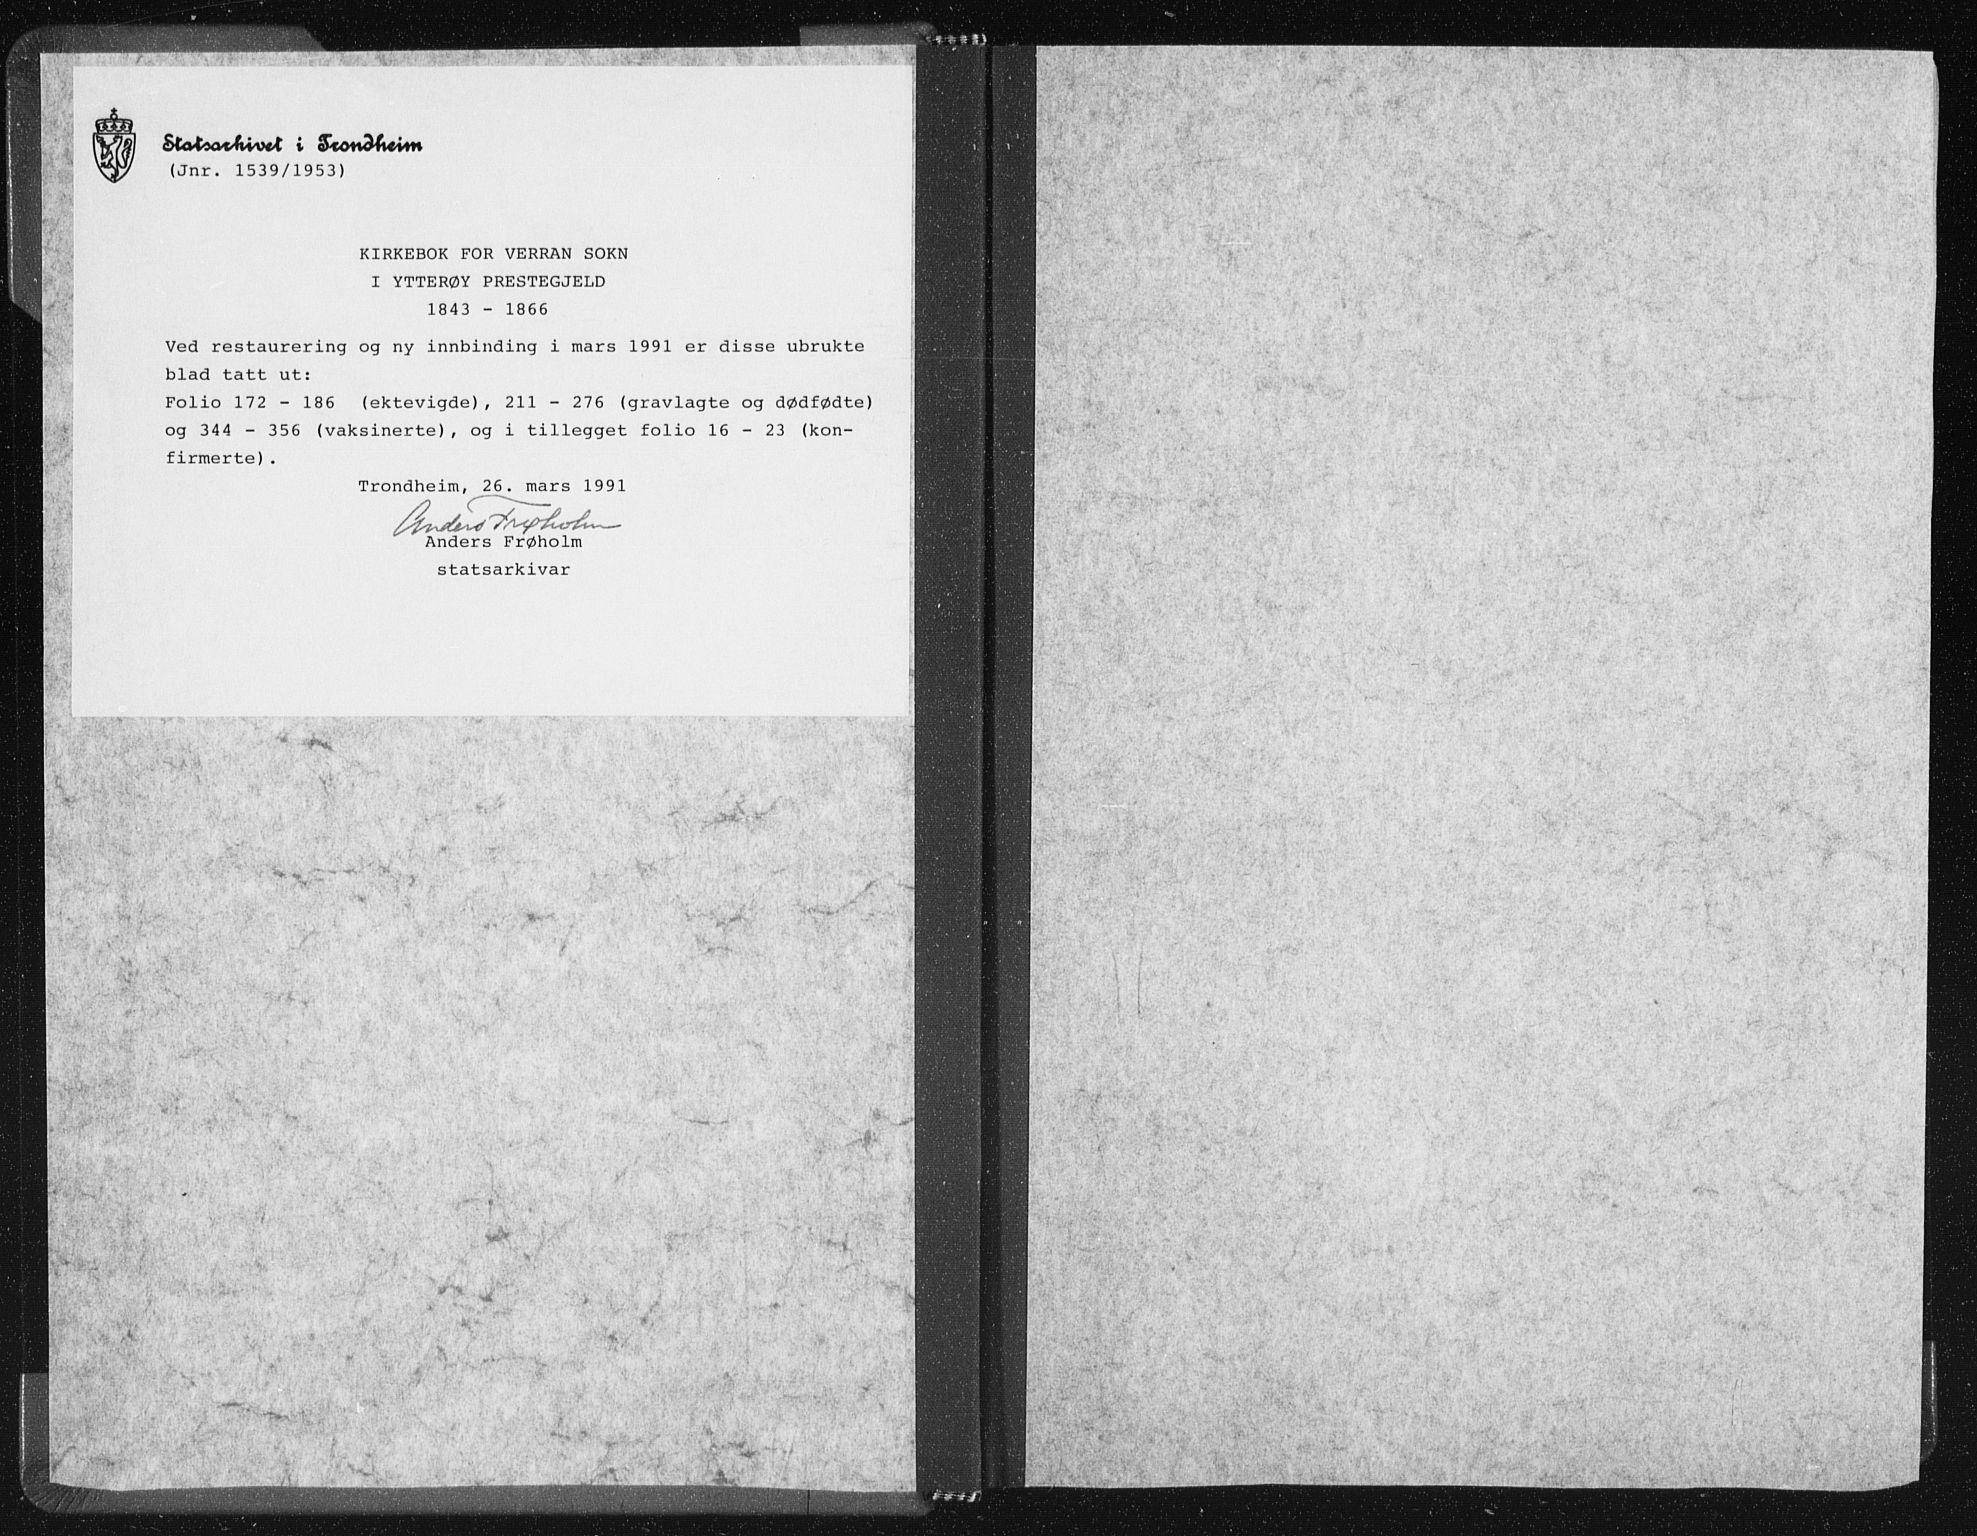 SAT, Ministerialprotokoller, klokkerbøker og fødselsregistre - Nord-Trøndelag, 744/L0418: Ministerialbok nr. 744A02, 1843-1866